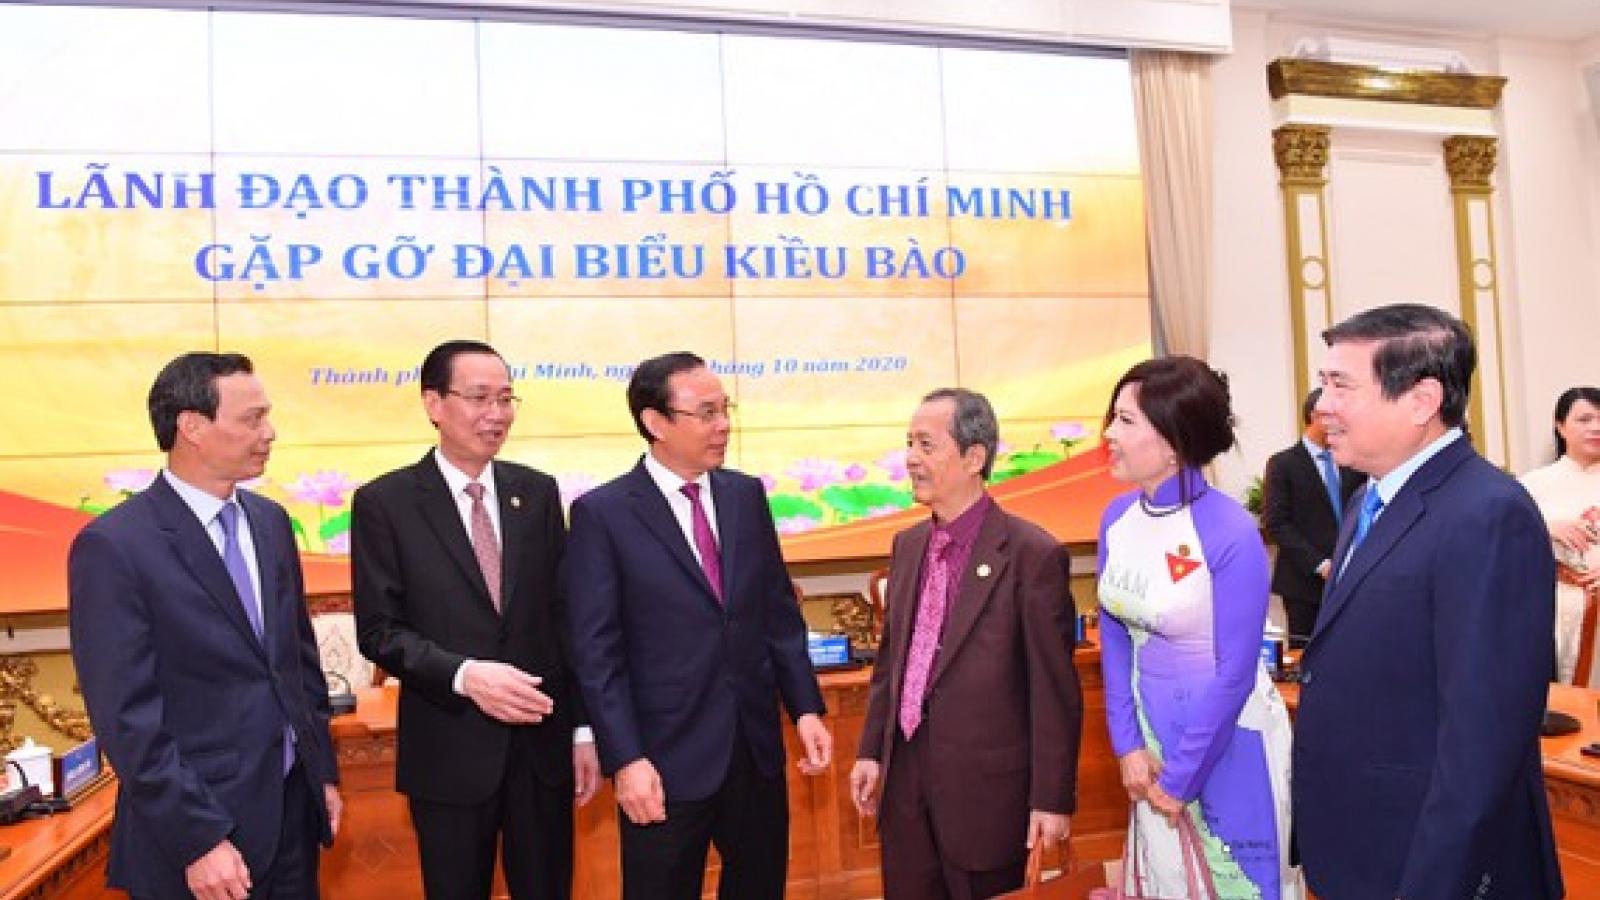 Thành phố Hồ Chí Minh trân trọng sự đóng góp của bà con kiều bào